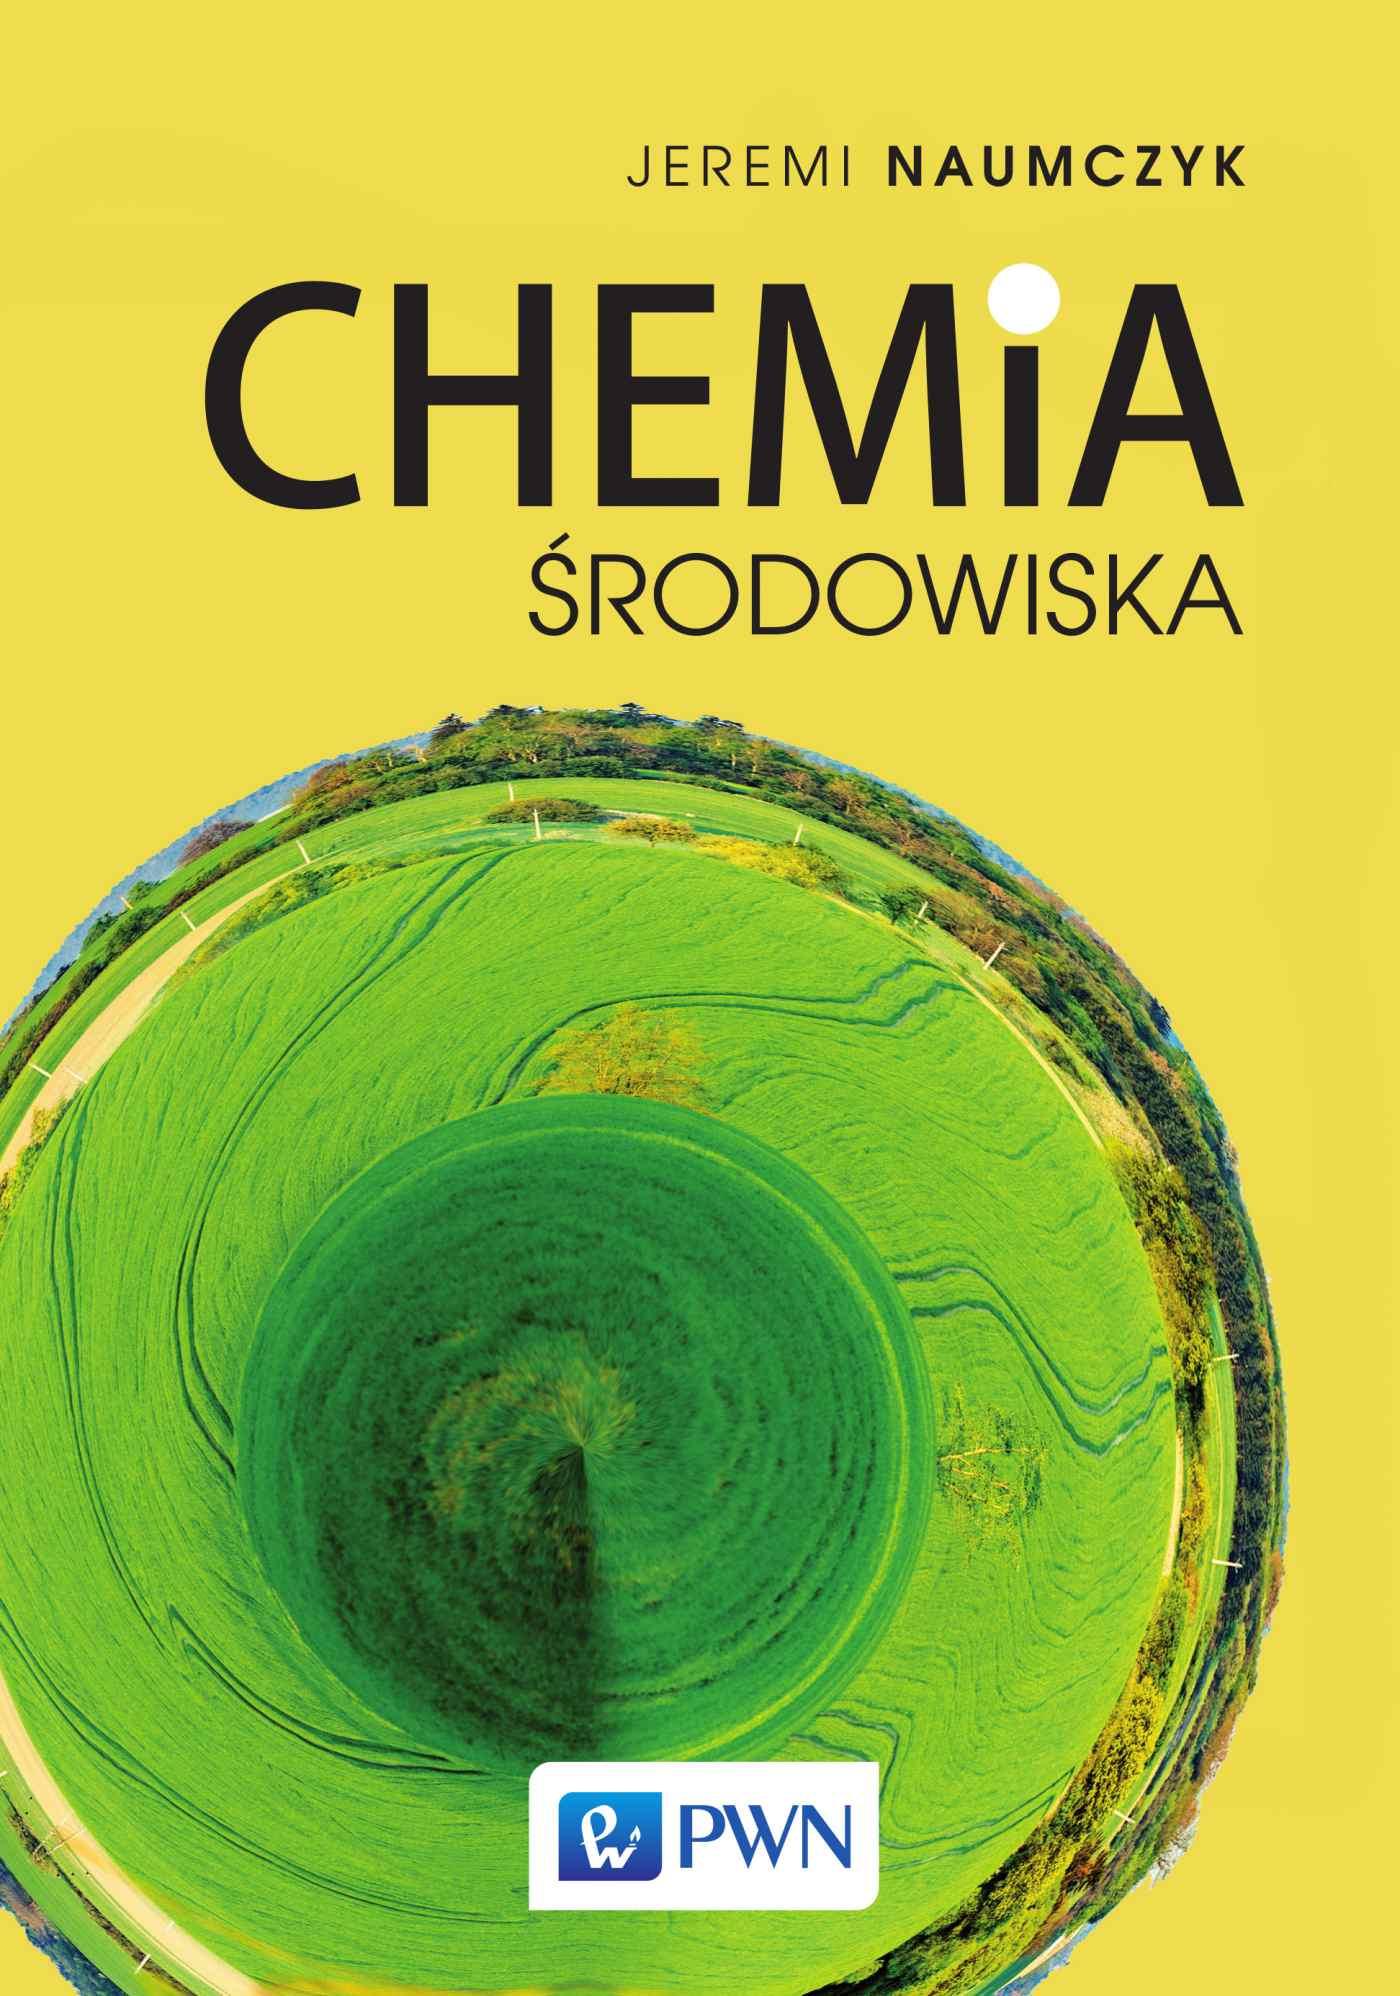 Chemia środowiska - Ebook (Książka EPUB) do pobrania w formacie EPUB